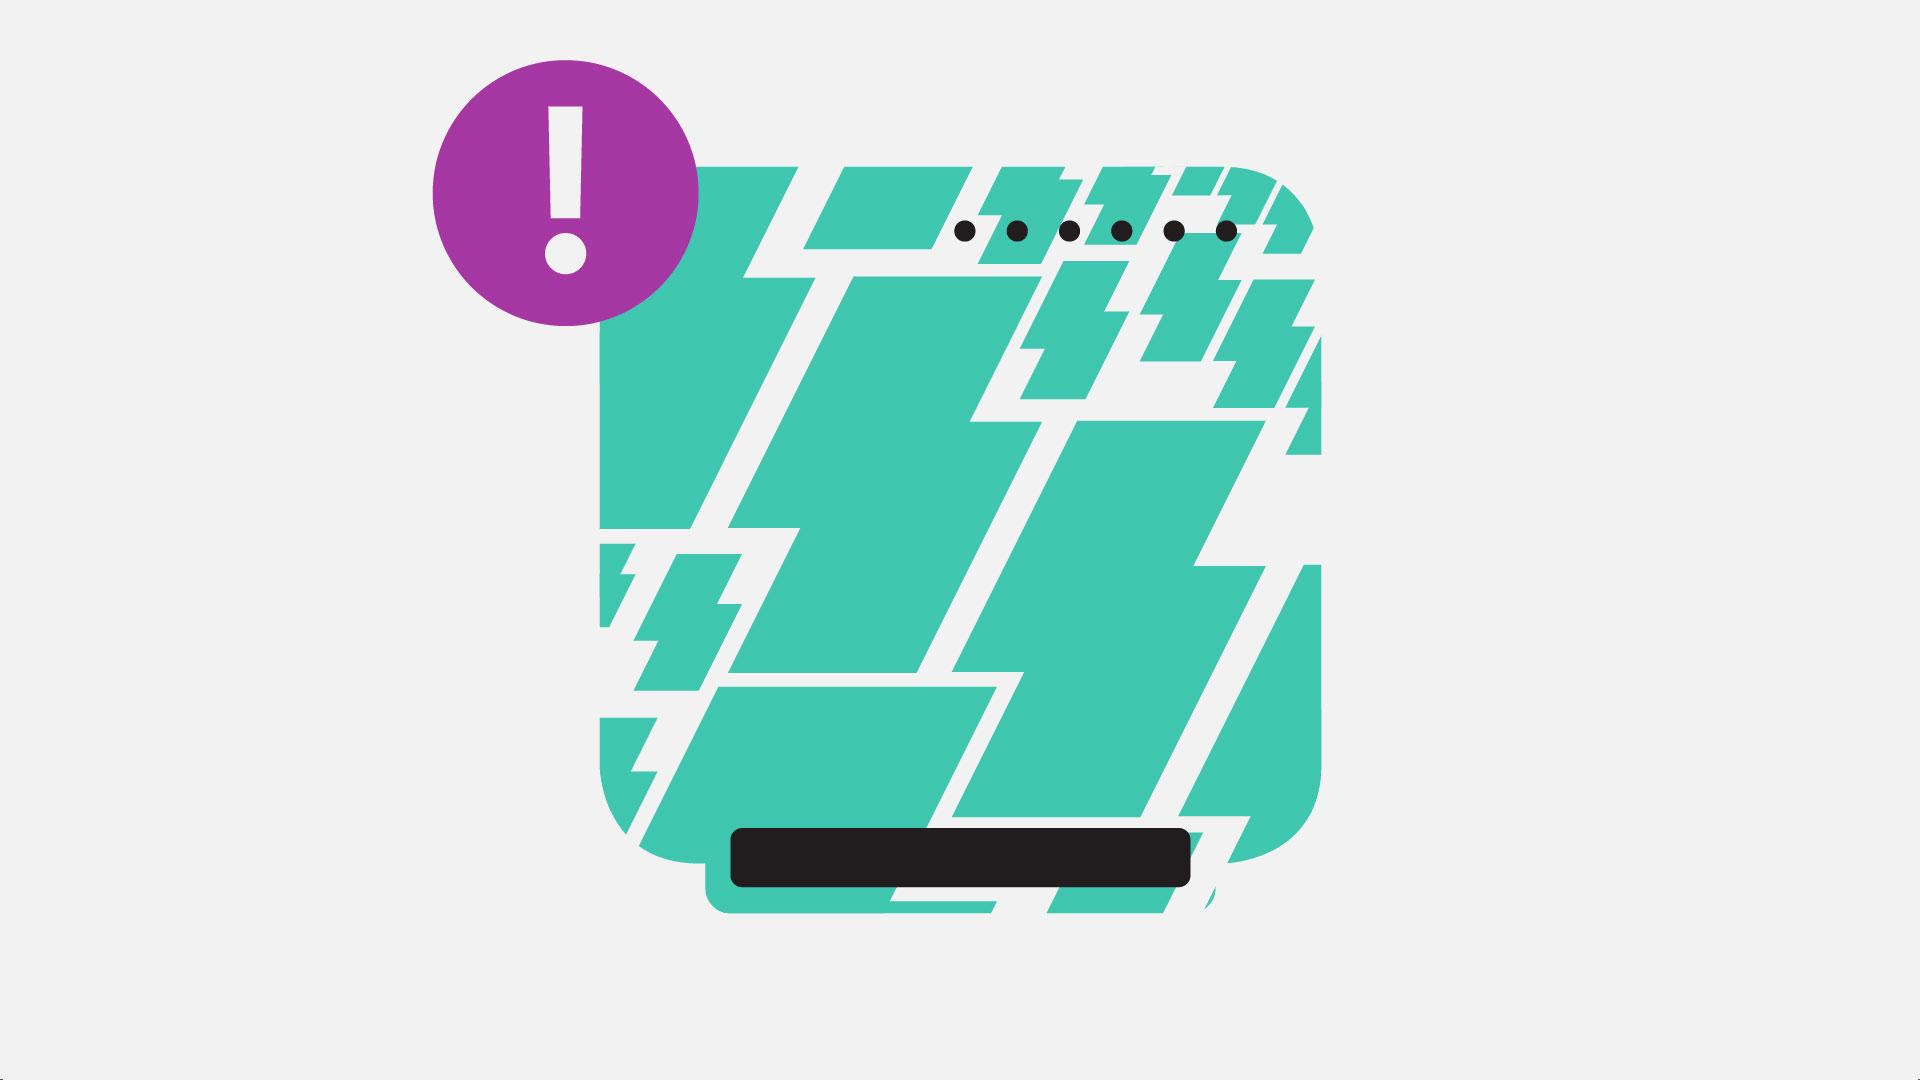 Op_Smart_Troubleshooting_16-09.jpg